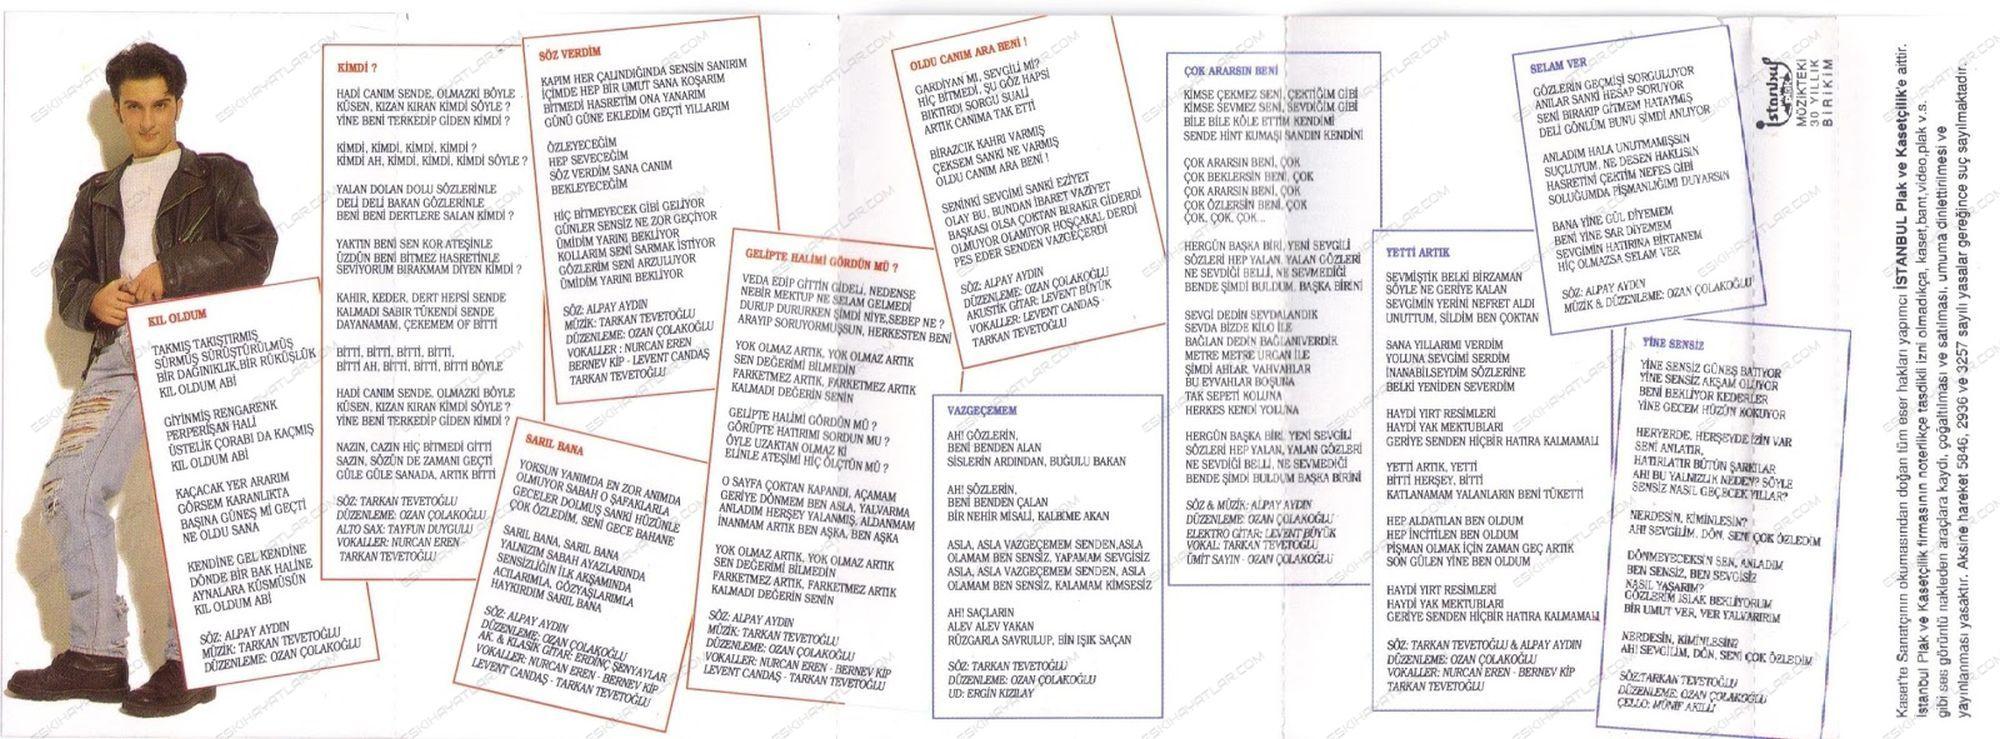 0146-tarkan-tevetoglu-1994-aacayipsin-albumu-nokta-dergisi-yine-sensiz-albumu-doksanlarda-kaset-satin-almak (7)